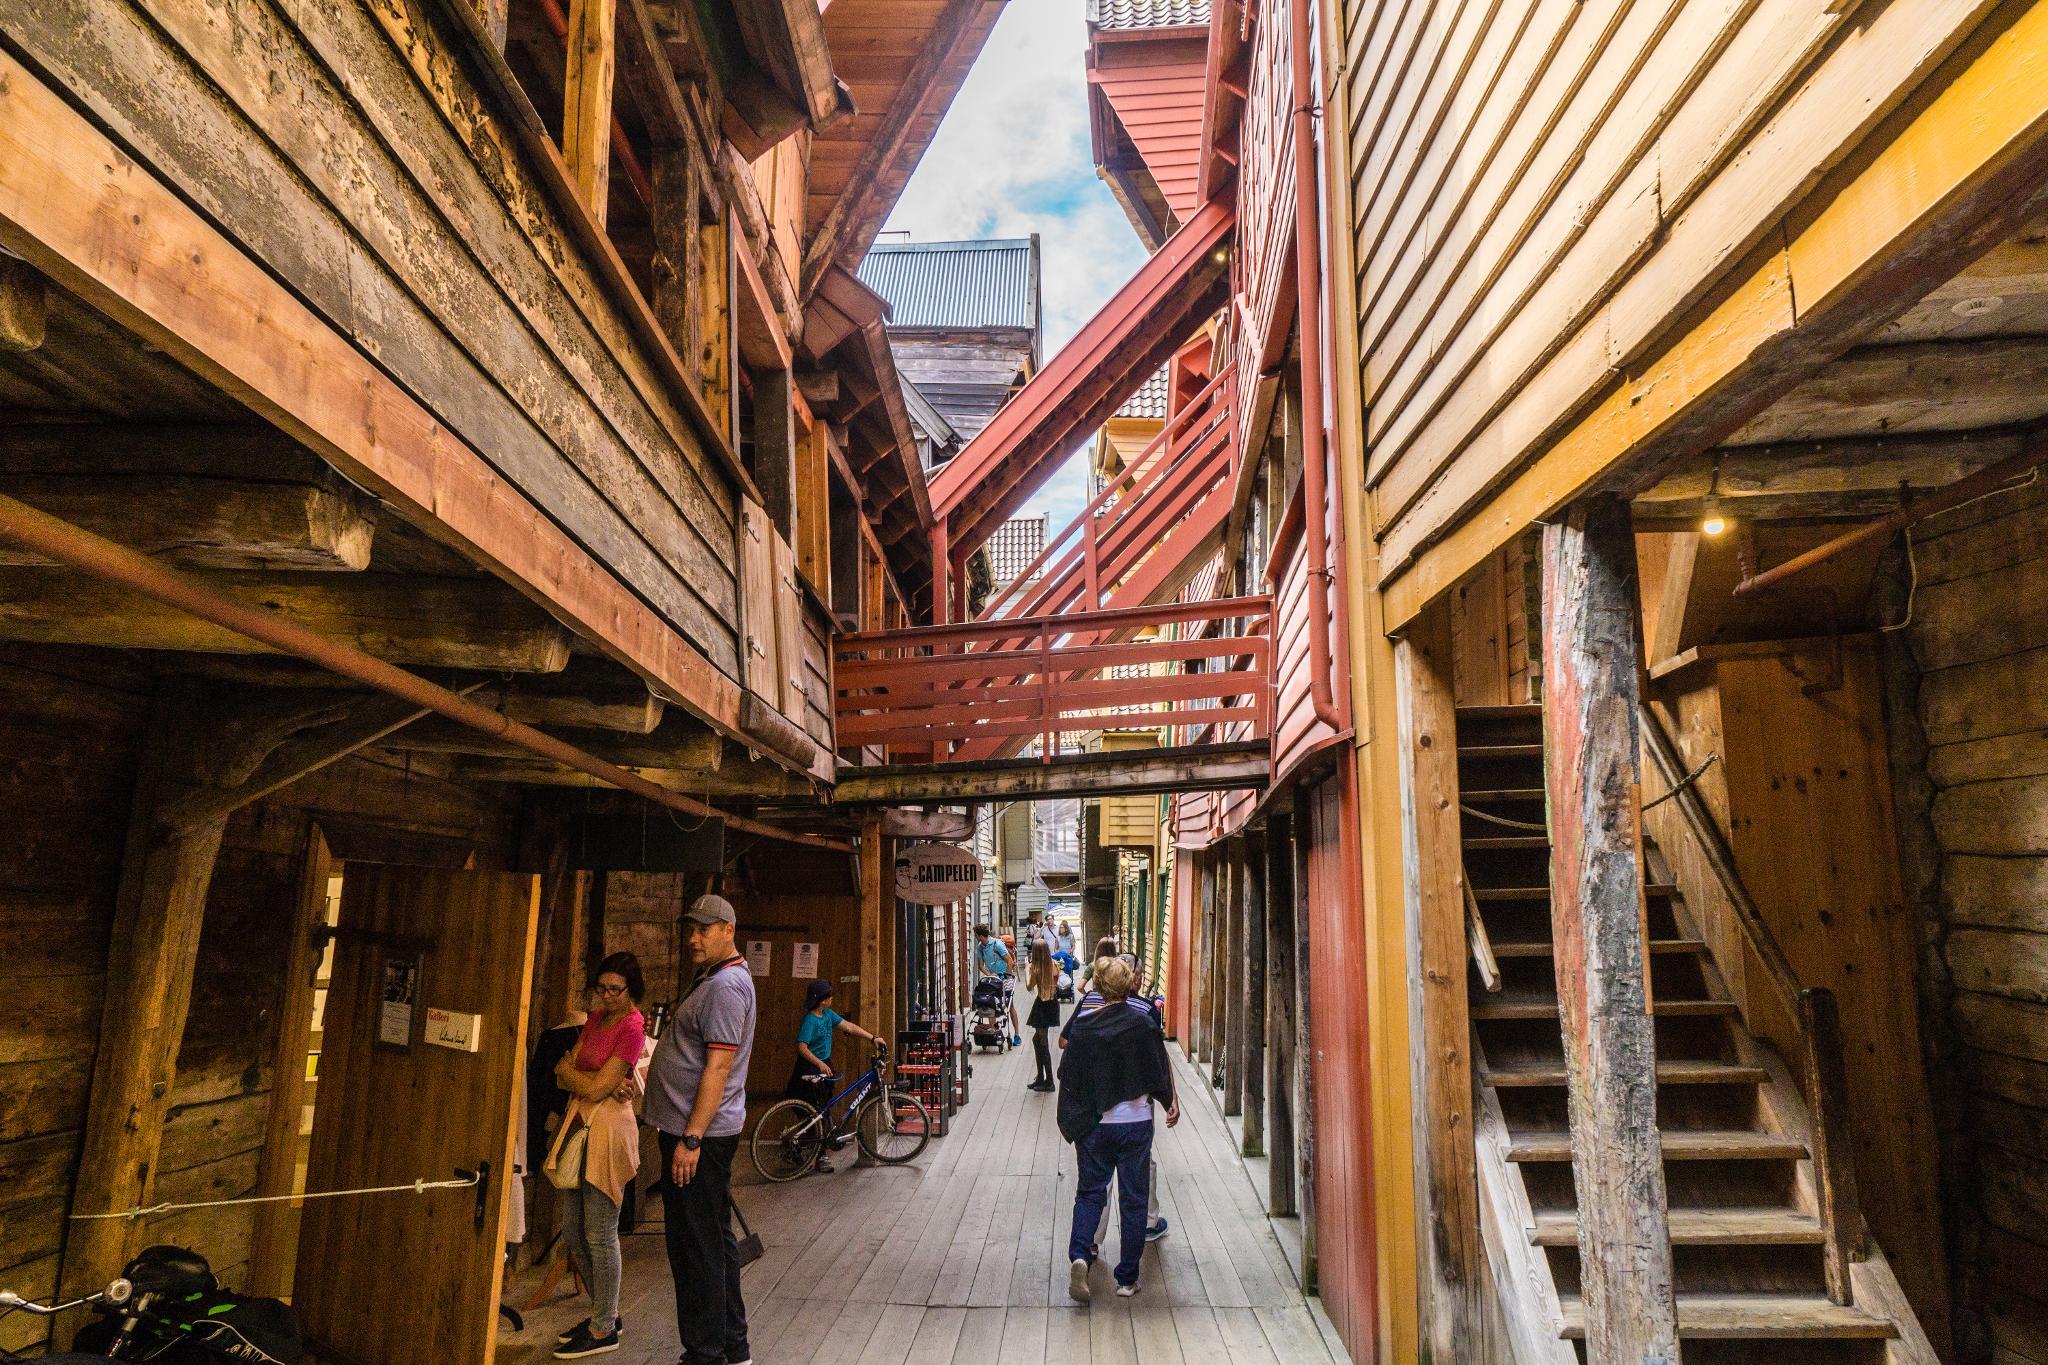 【卑爾根】Bryggen 世界遺產布呂根 — 迷失在百年歷史的挪威彩色木屋 16